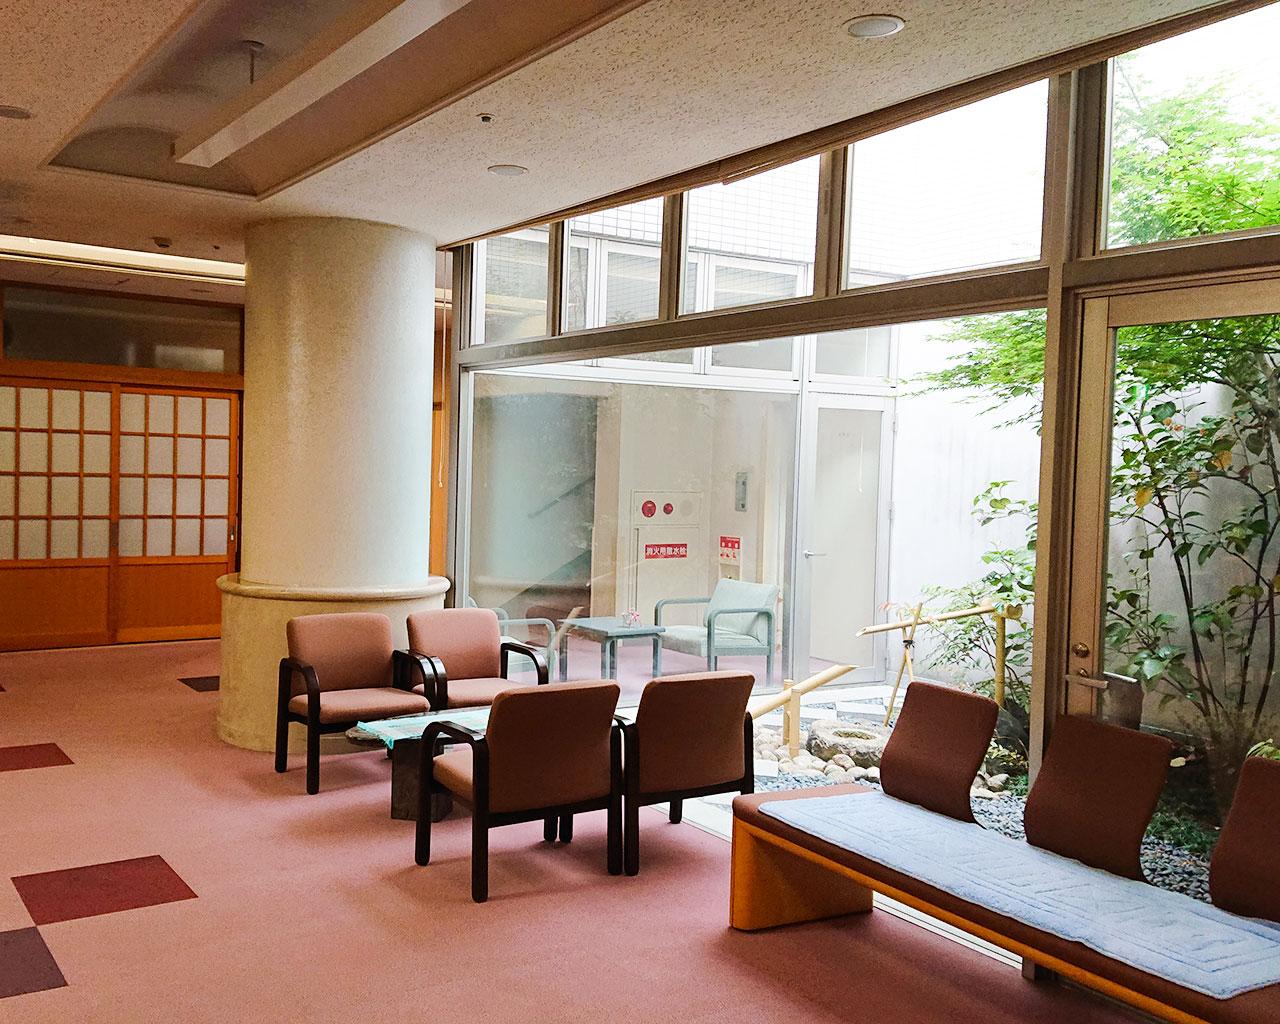 泉北園百寿荘の1階ホール・中庭